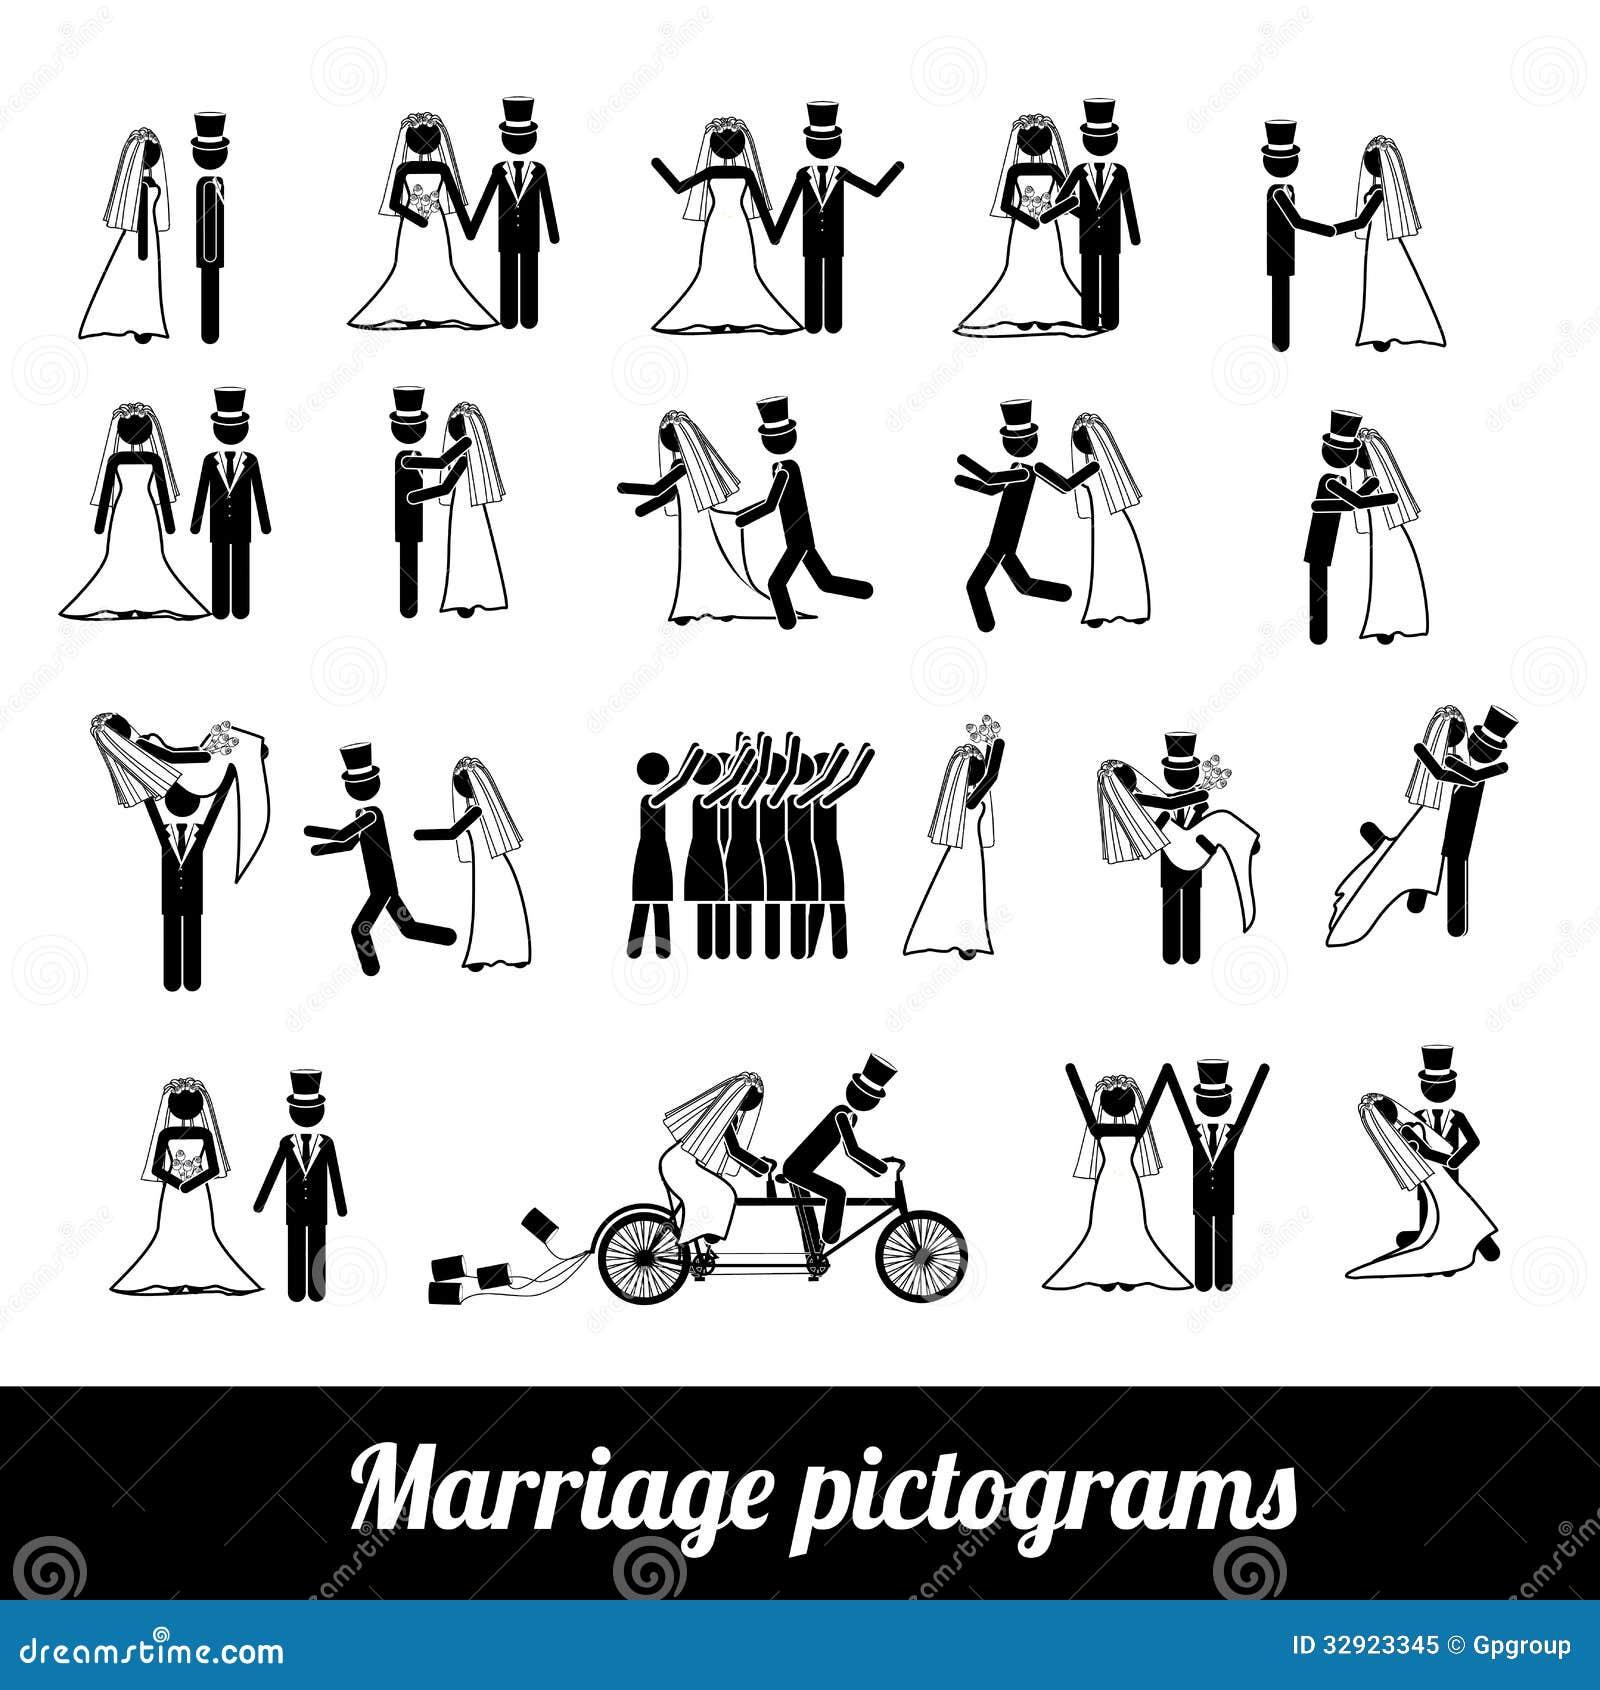 Berühmt Pictogrammes De Mariage Photo libre de droits - Image: 32923345 SA61